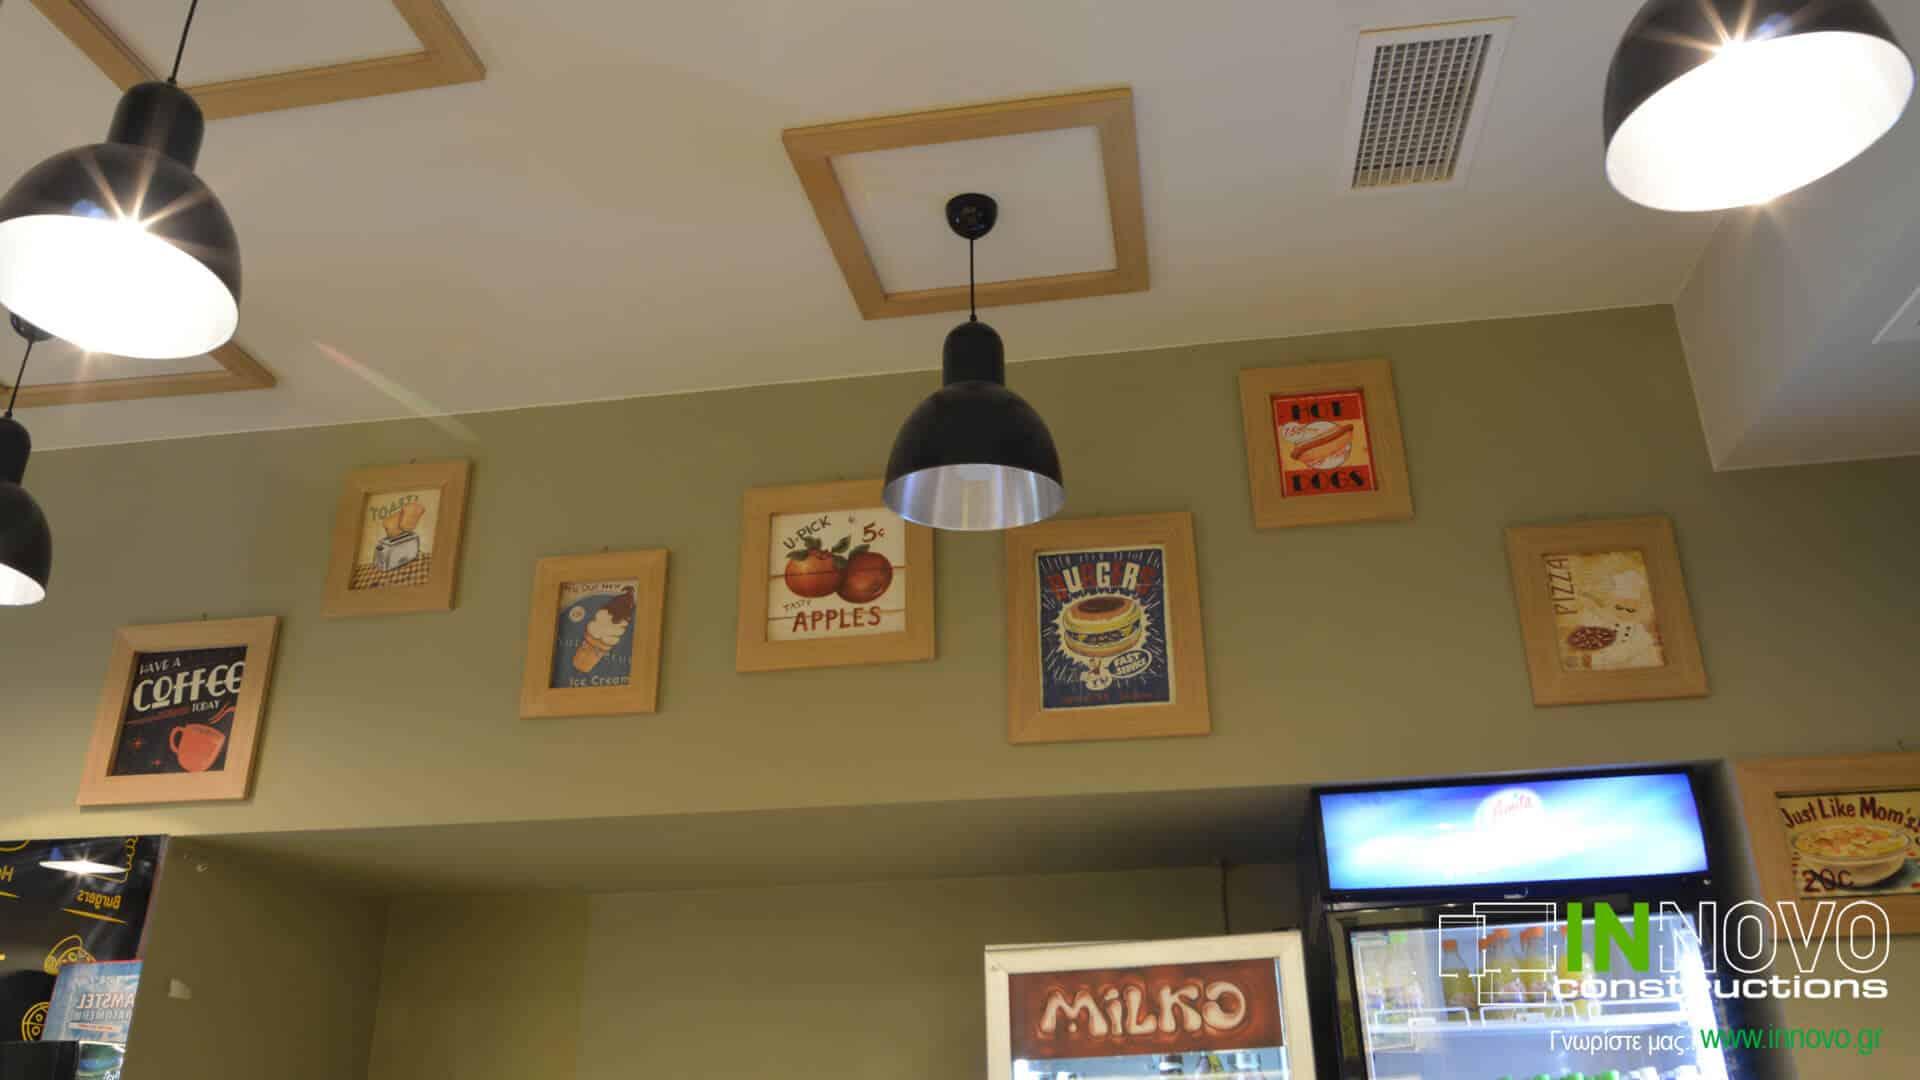 anakainisi-snack-cafe-renovation-fastfood-ano-petralona-1462-3